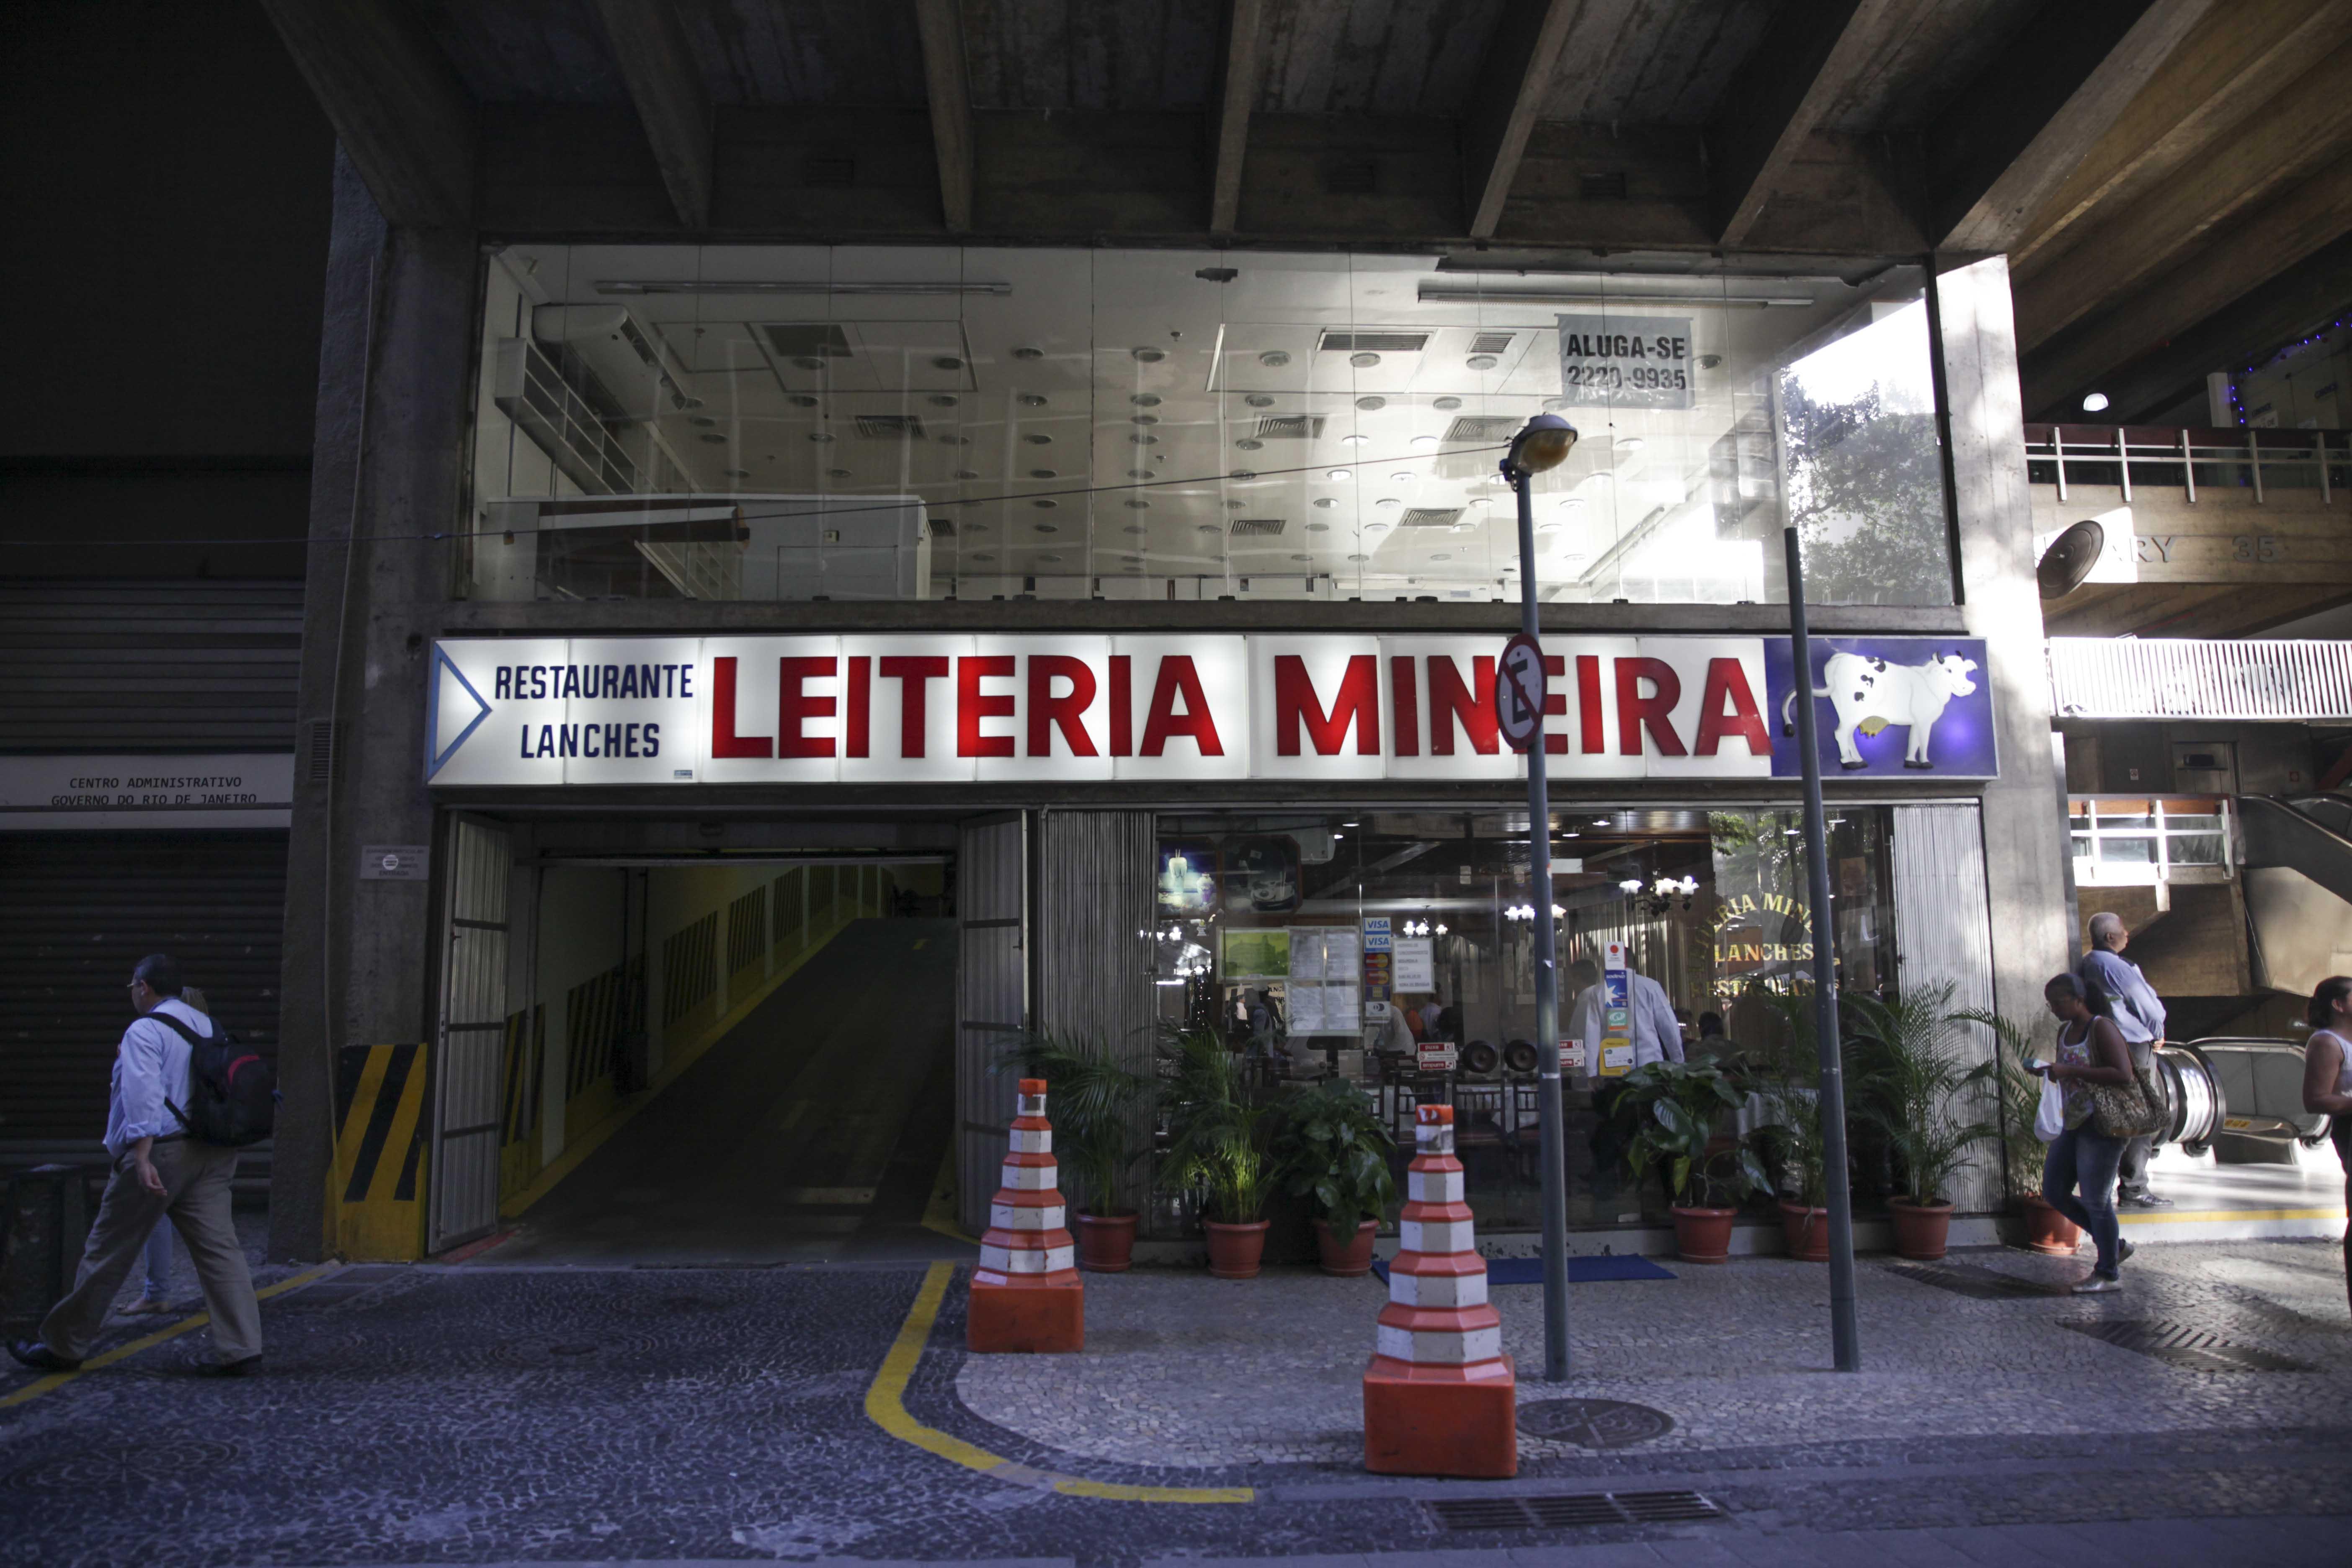 Prefeitura da Cidade do Rio de Janeiro - prefeitura.rio cbc2f18d9ad